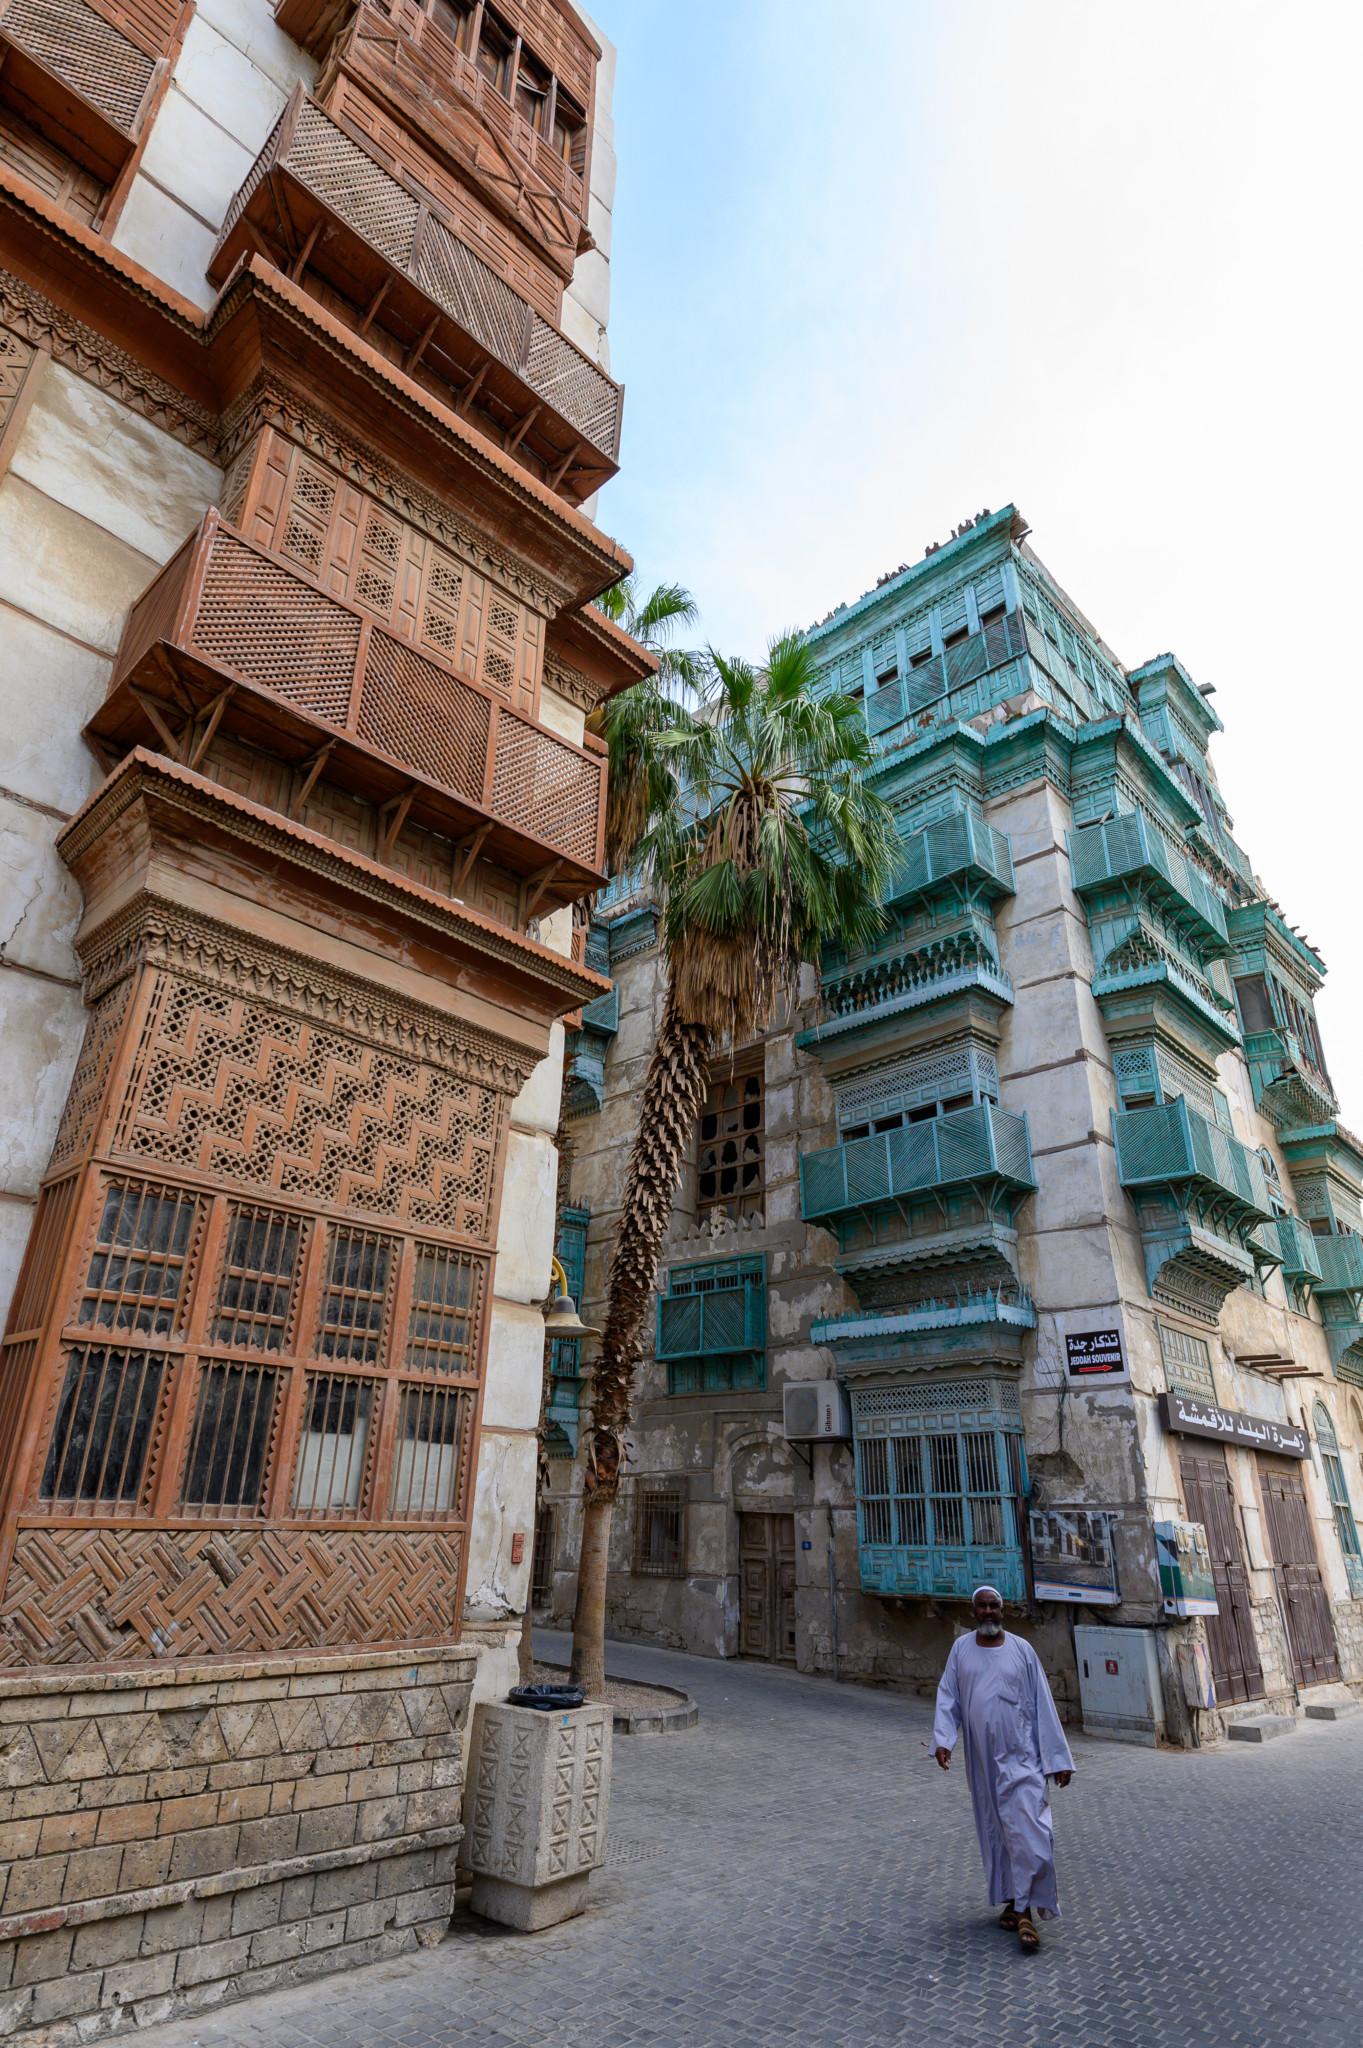 Zu den Saudi-Arabien Sehenswürdigkeiten gehört auch die Altstadt von Jeddah